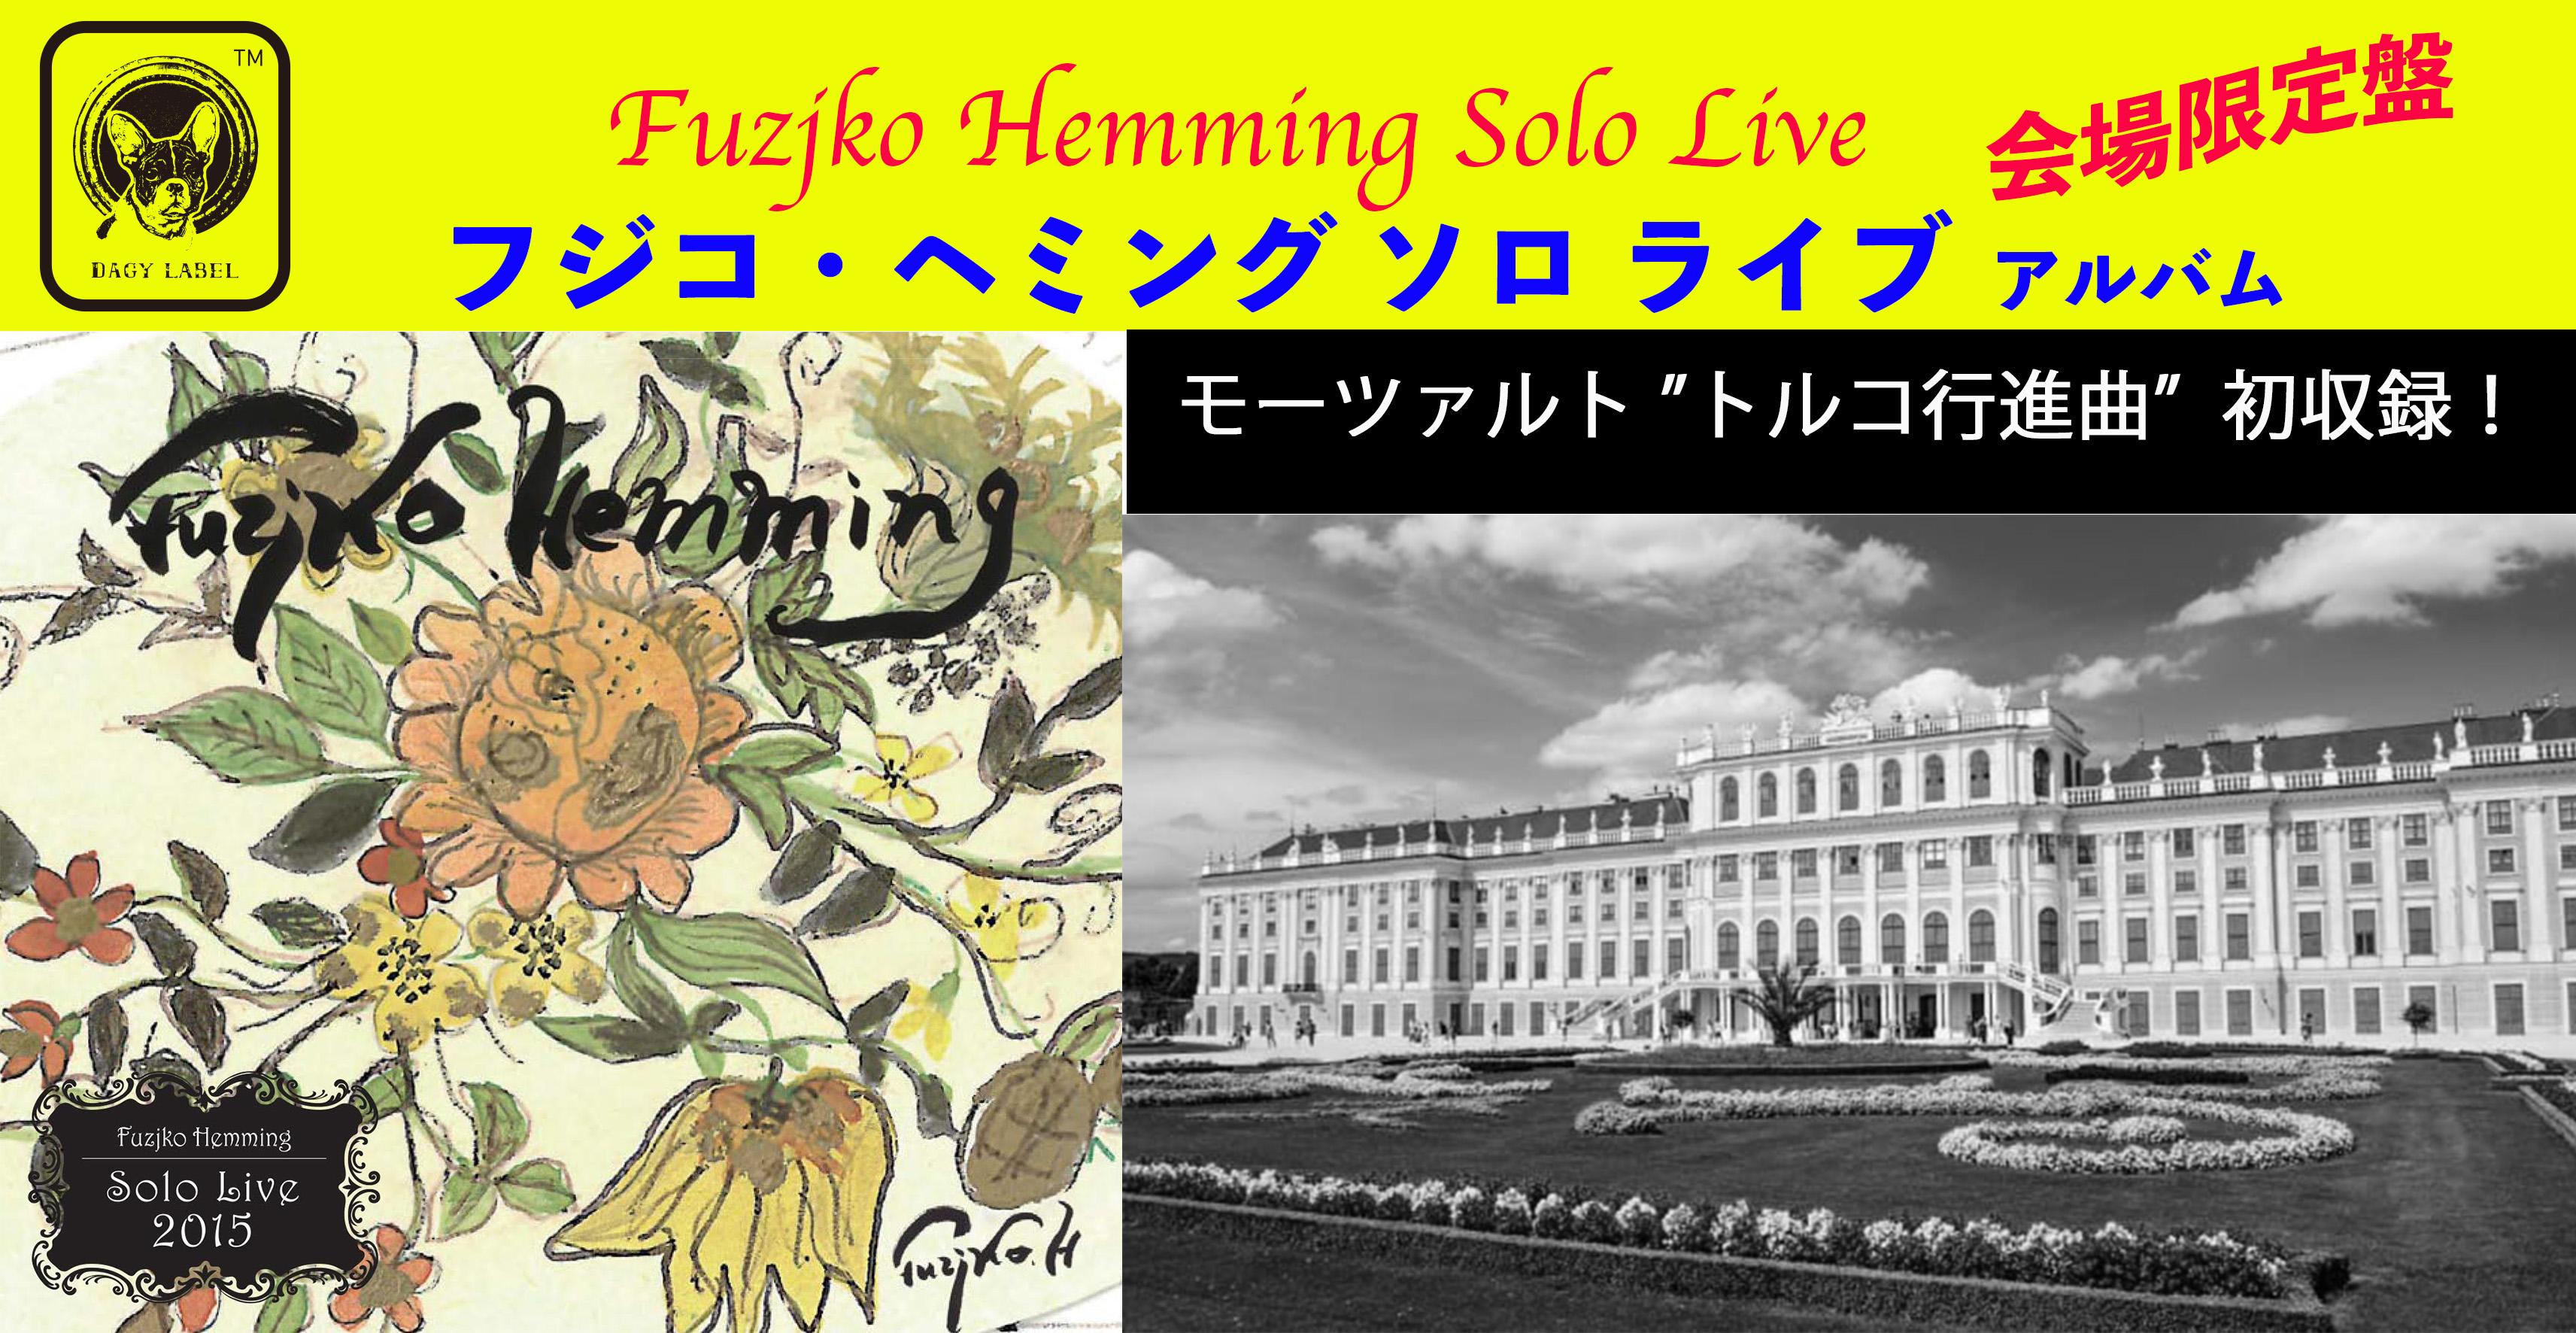 フジコ ヘミング 札幌